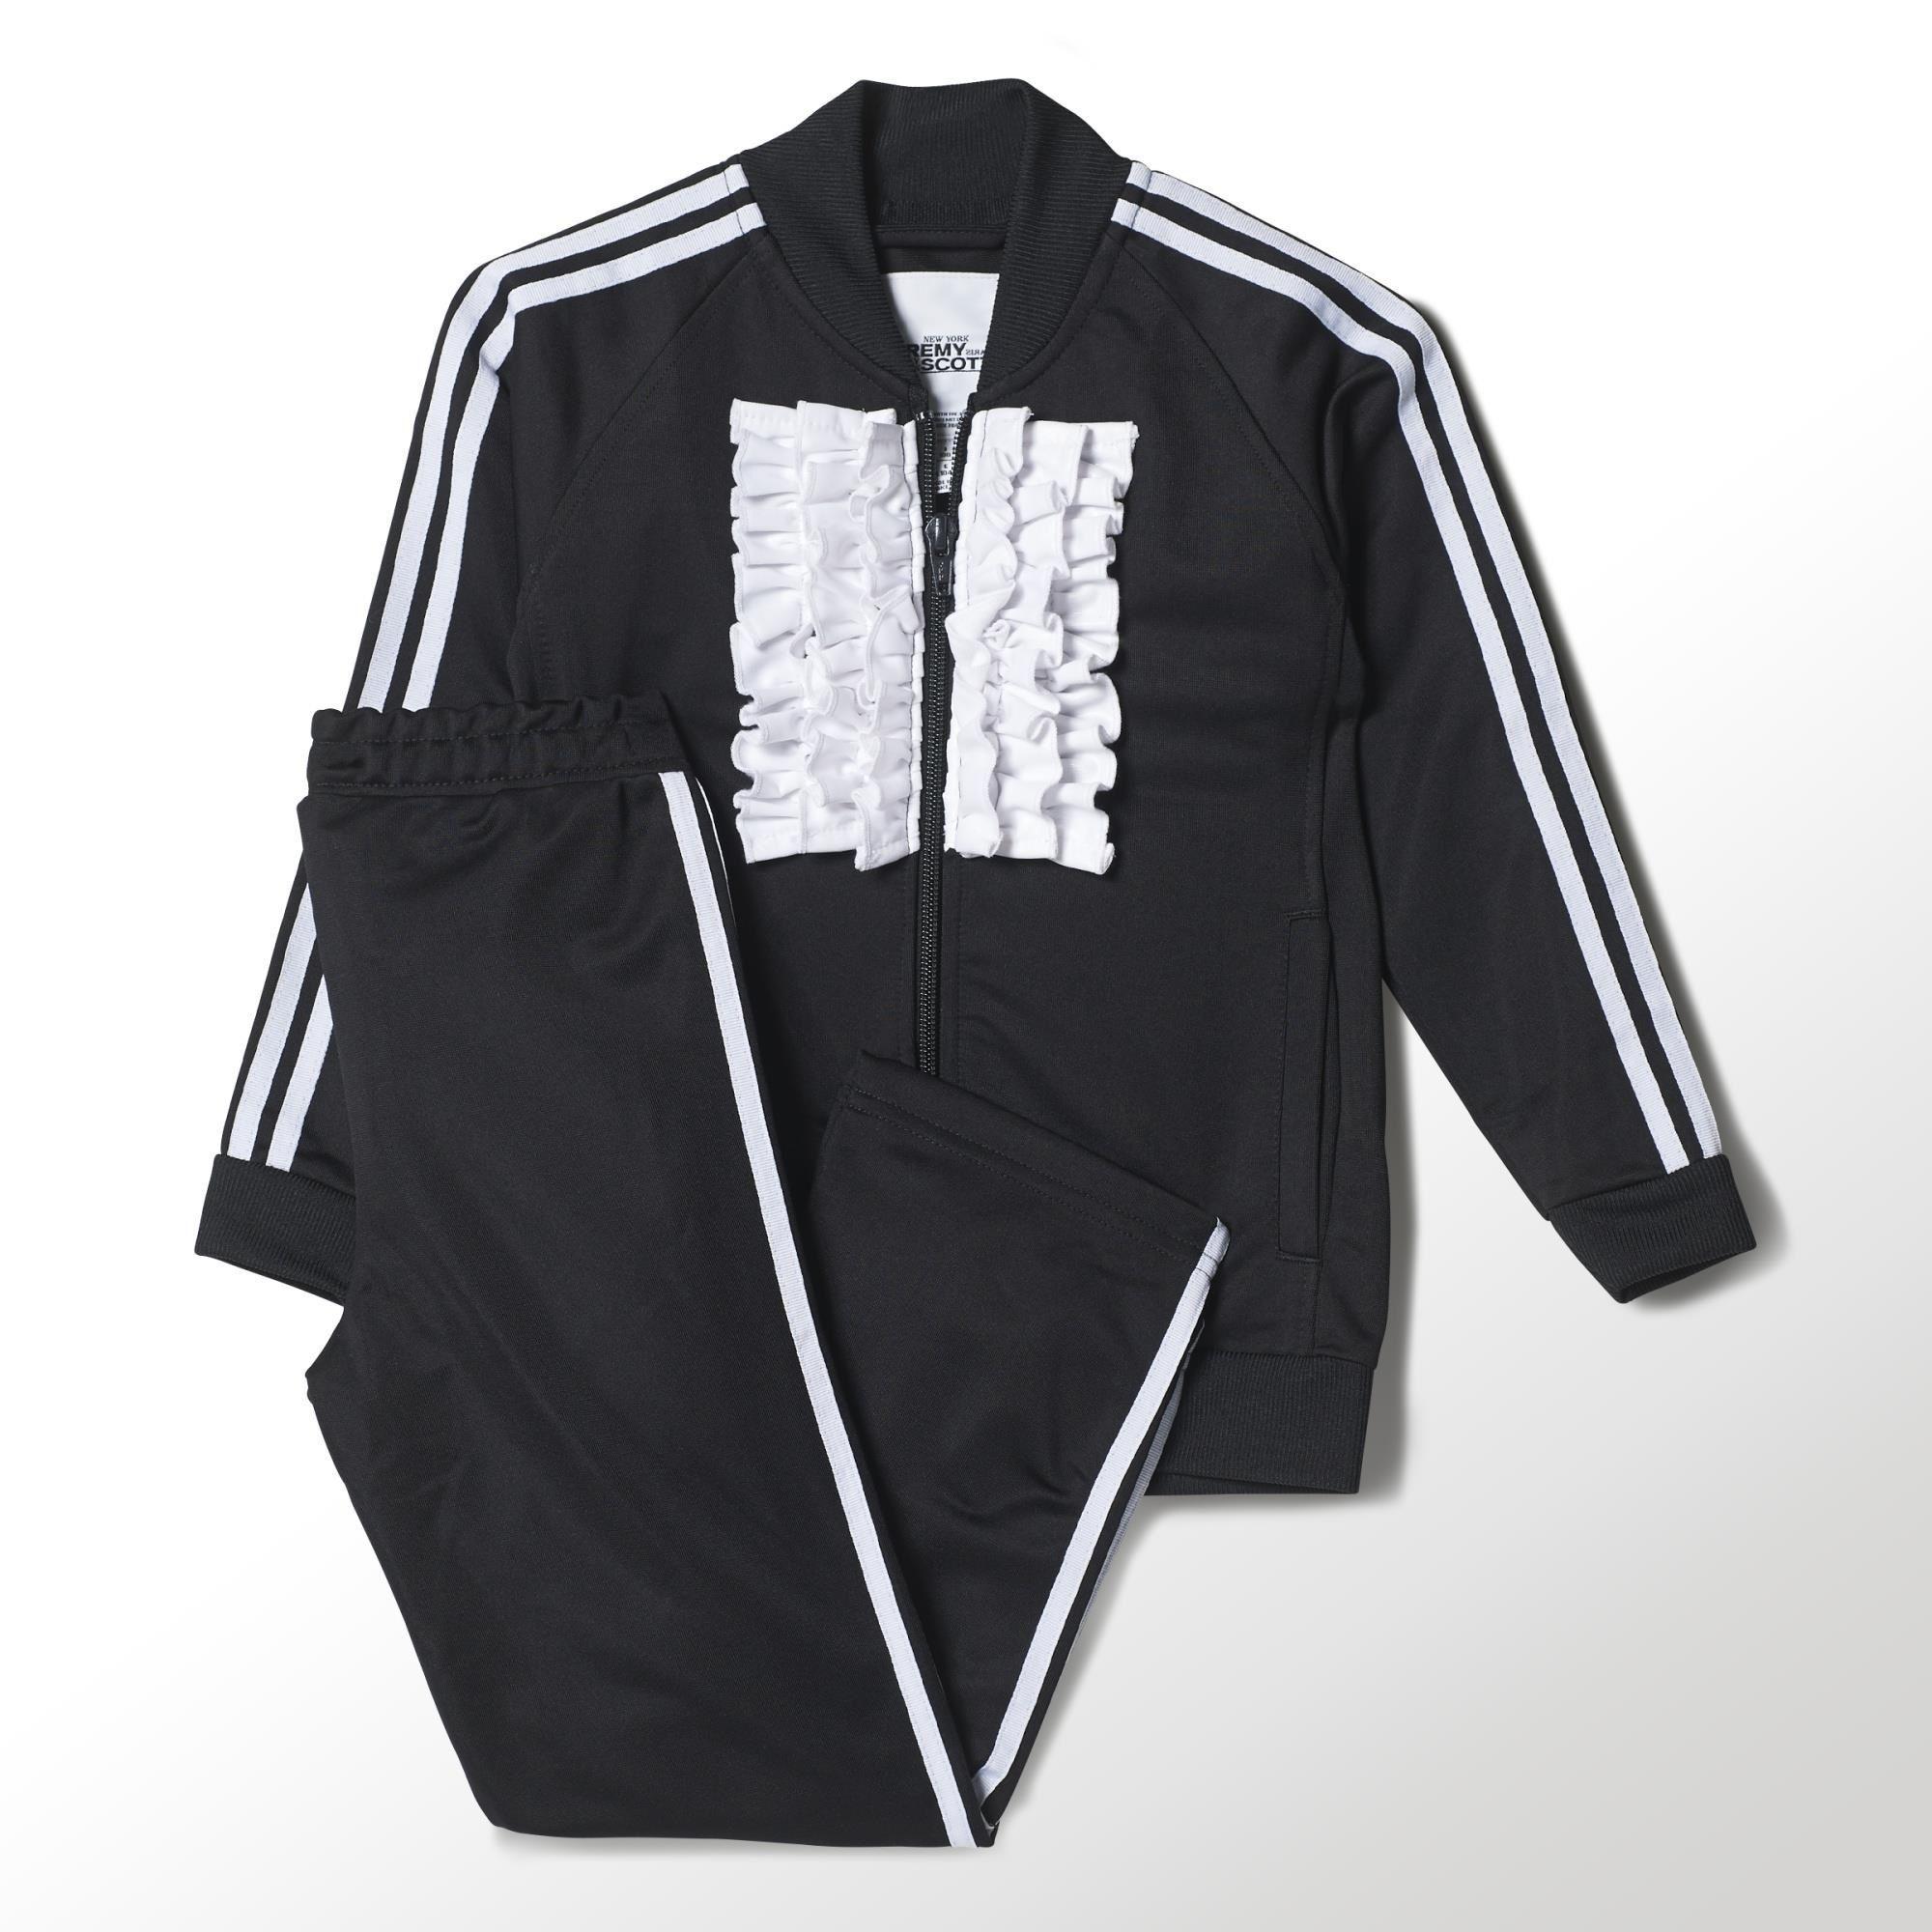 adidas Tuxedo Track Suit - Black  5edcc1edd3c3